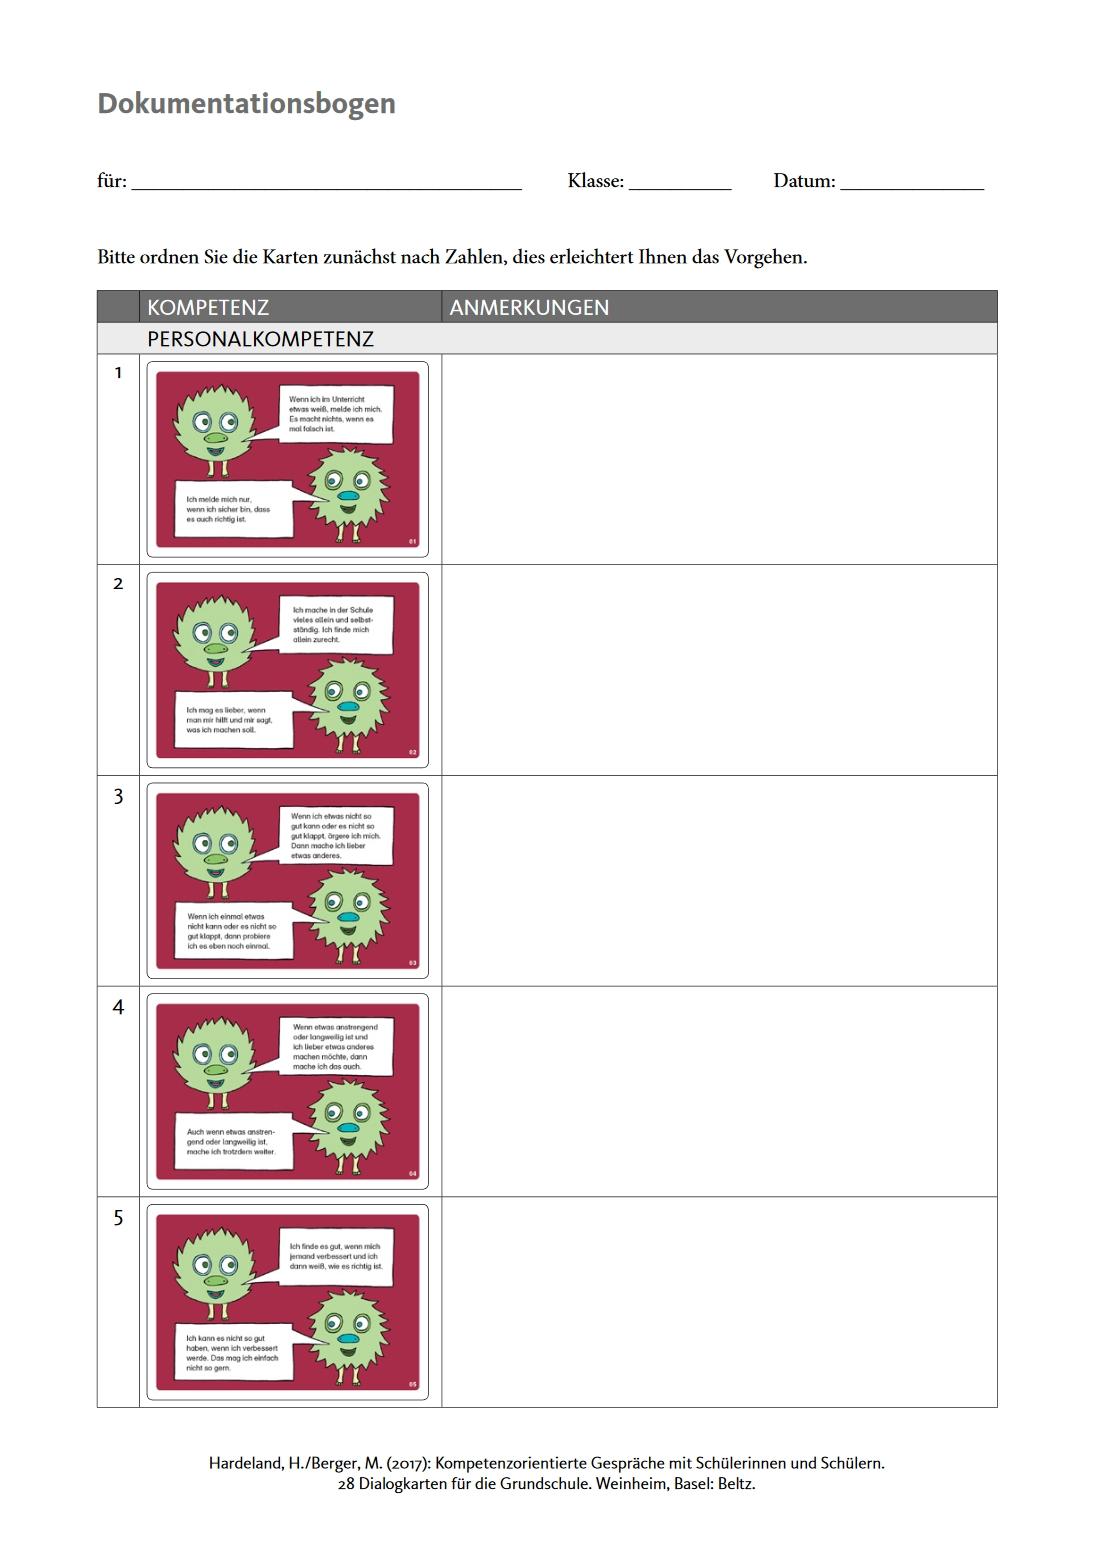 Preview image for LOM object Kompetenzorientierte Gespräche mit Schülerinnen und Schülern